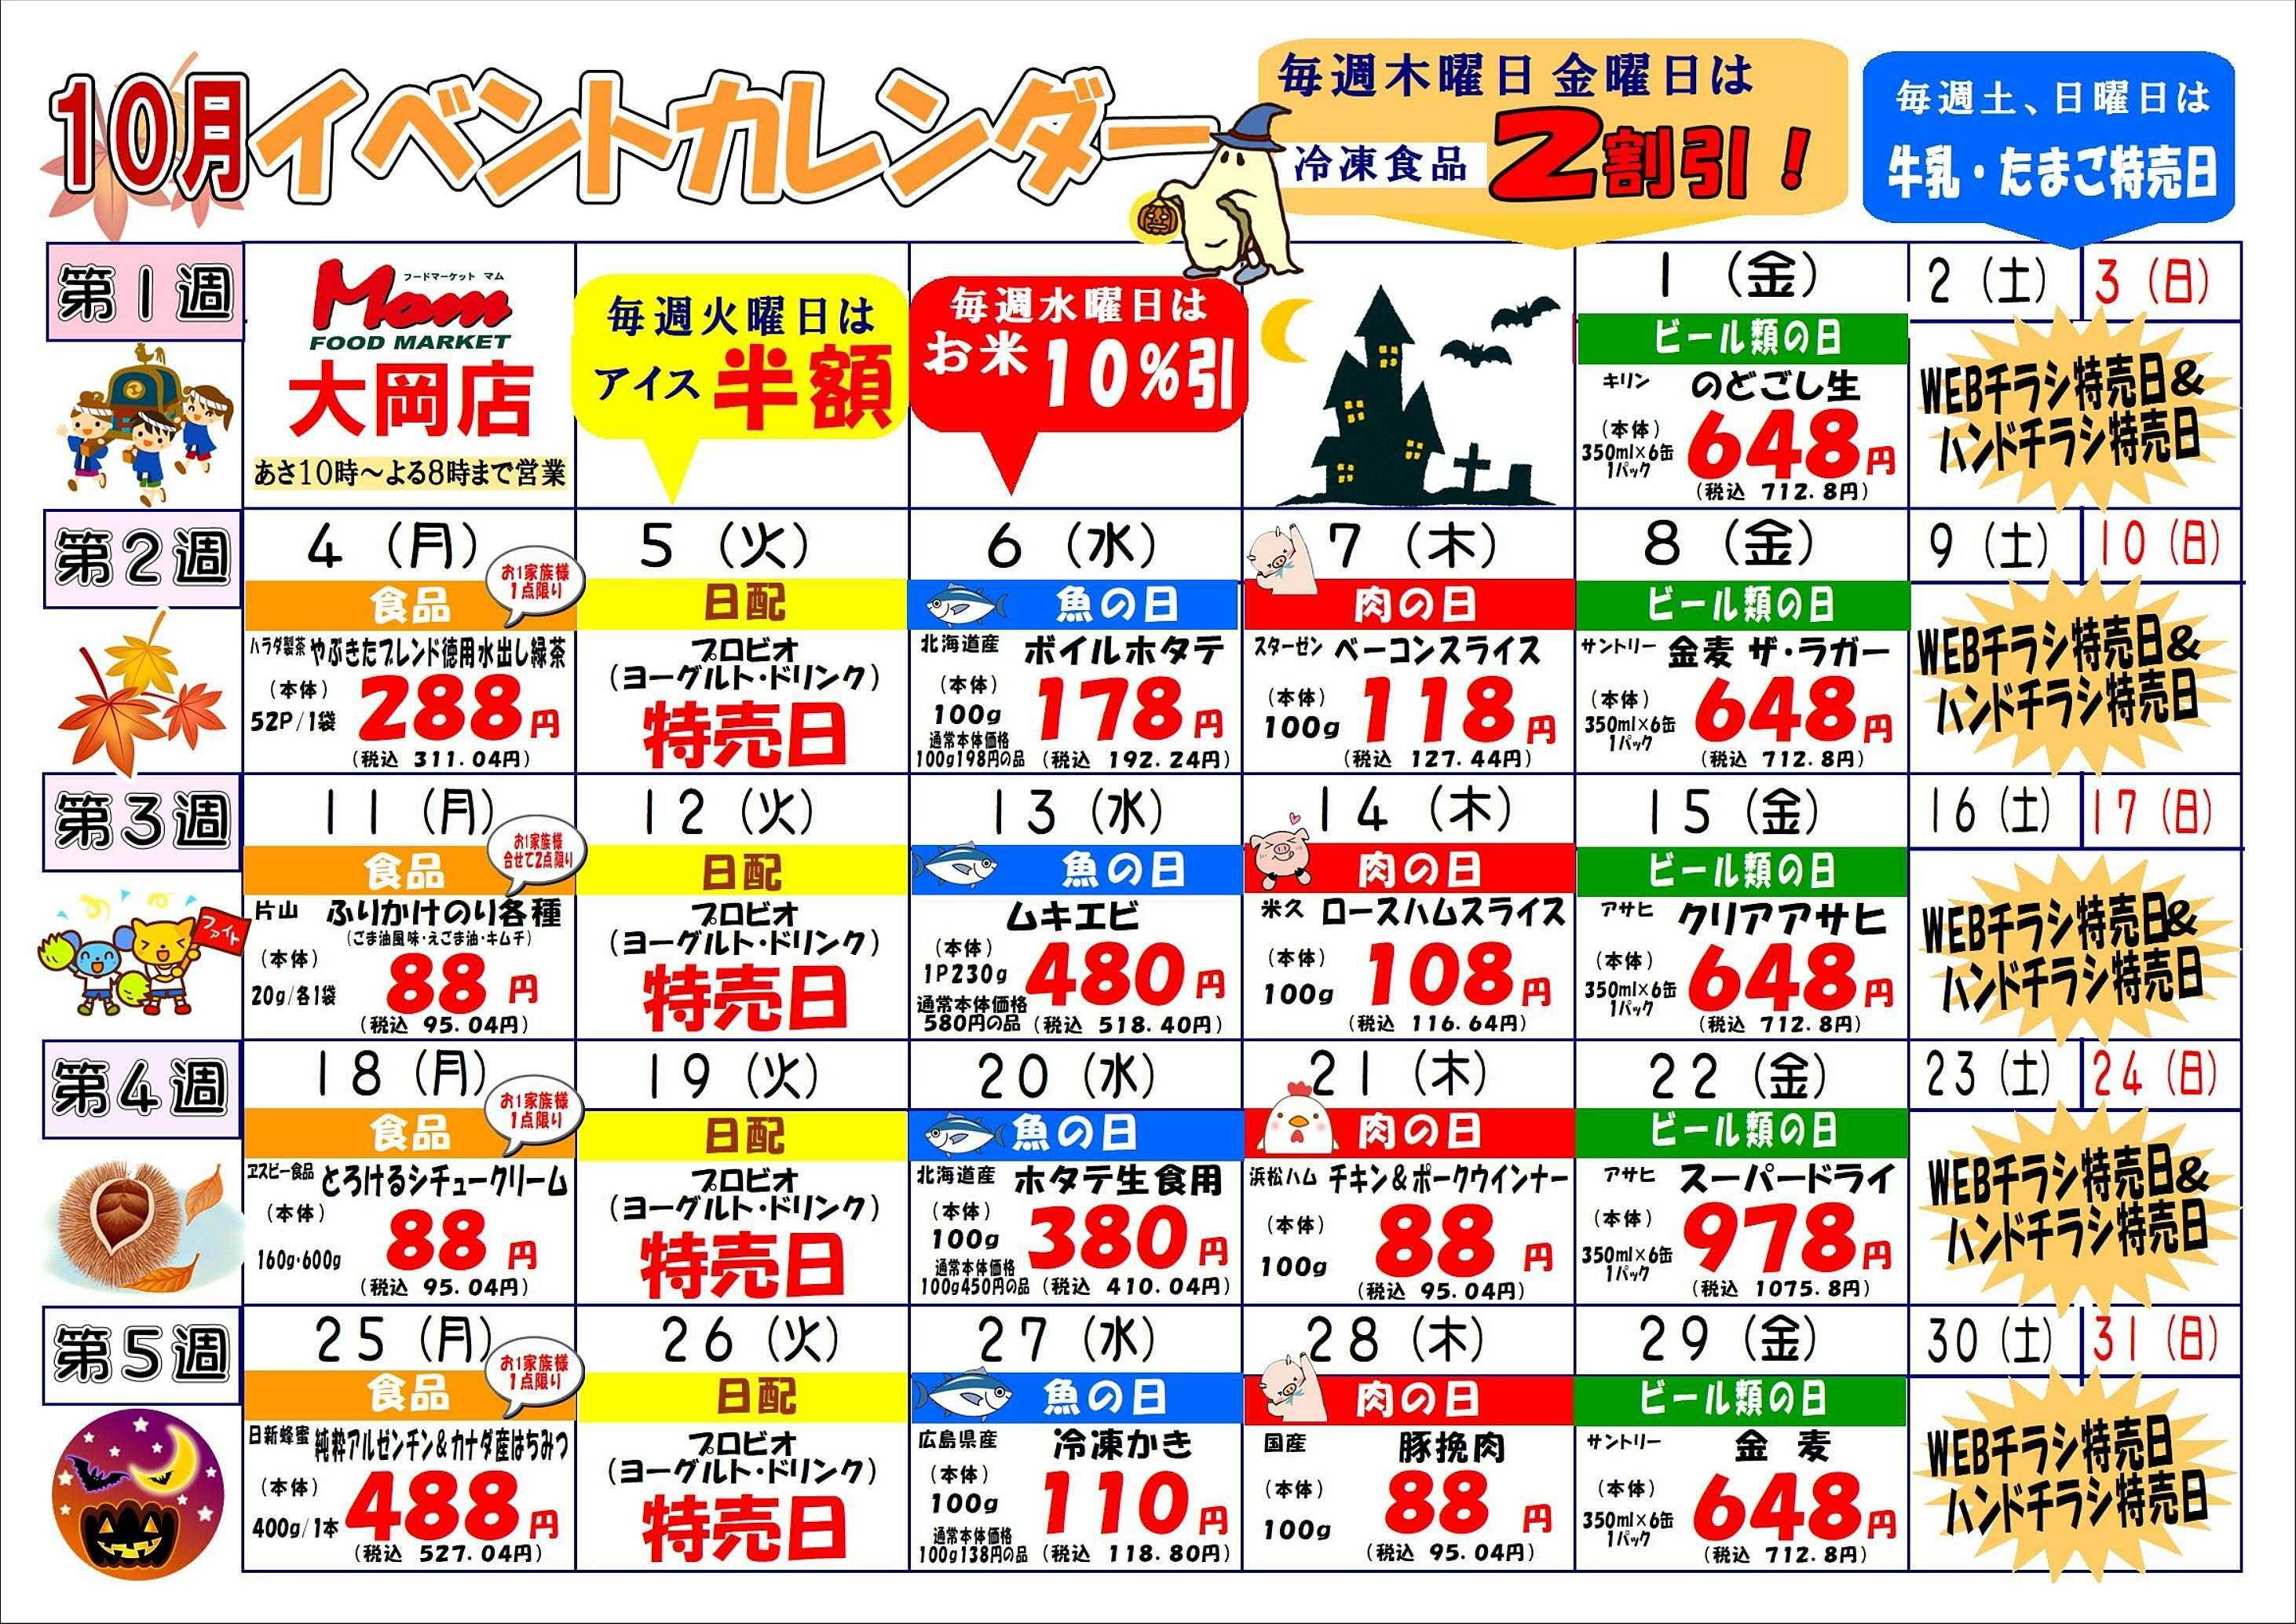 フードマーケット マム マム大岡店イベントカレンダー